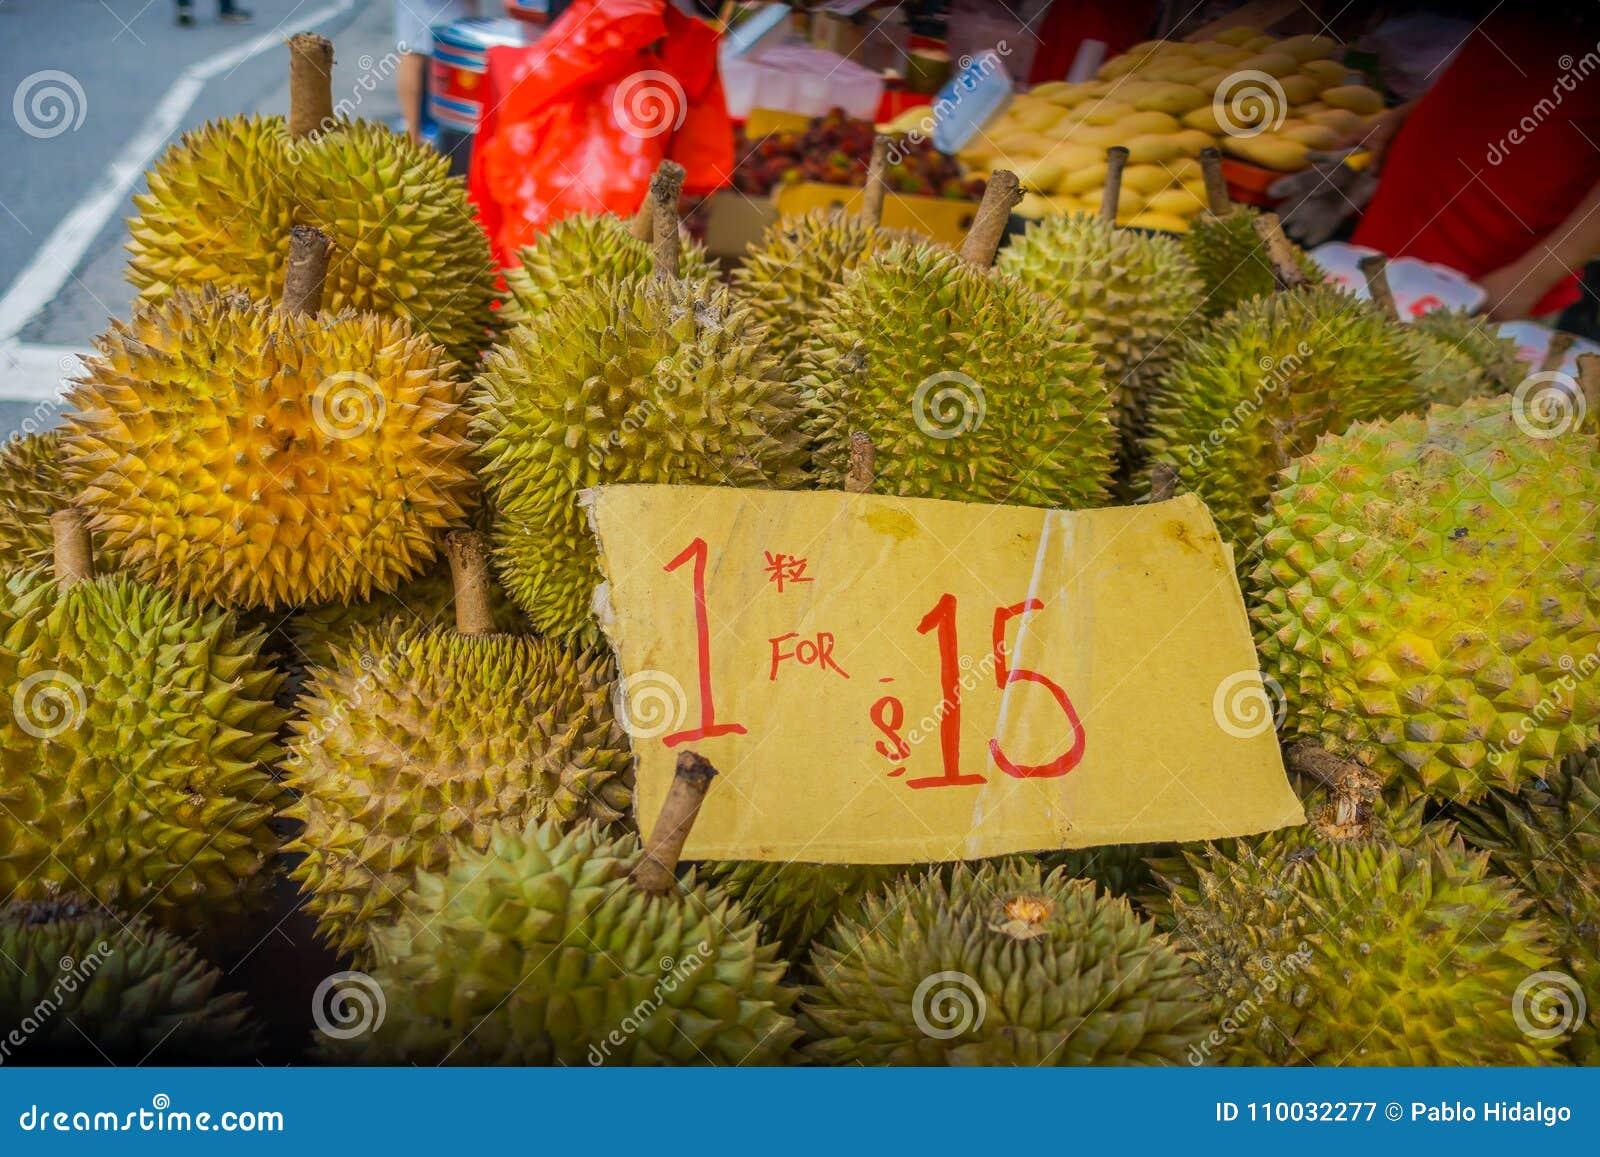 SINGAPORE, SINGAPORE - JANUARI 30 2018: Sluit omhoog van durian fruit, het beroemde tropische fruit in Aziatische landen met zijn